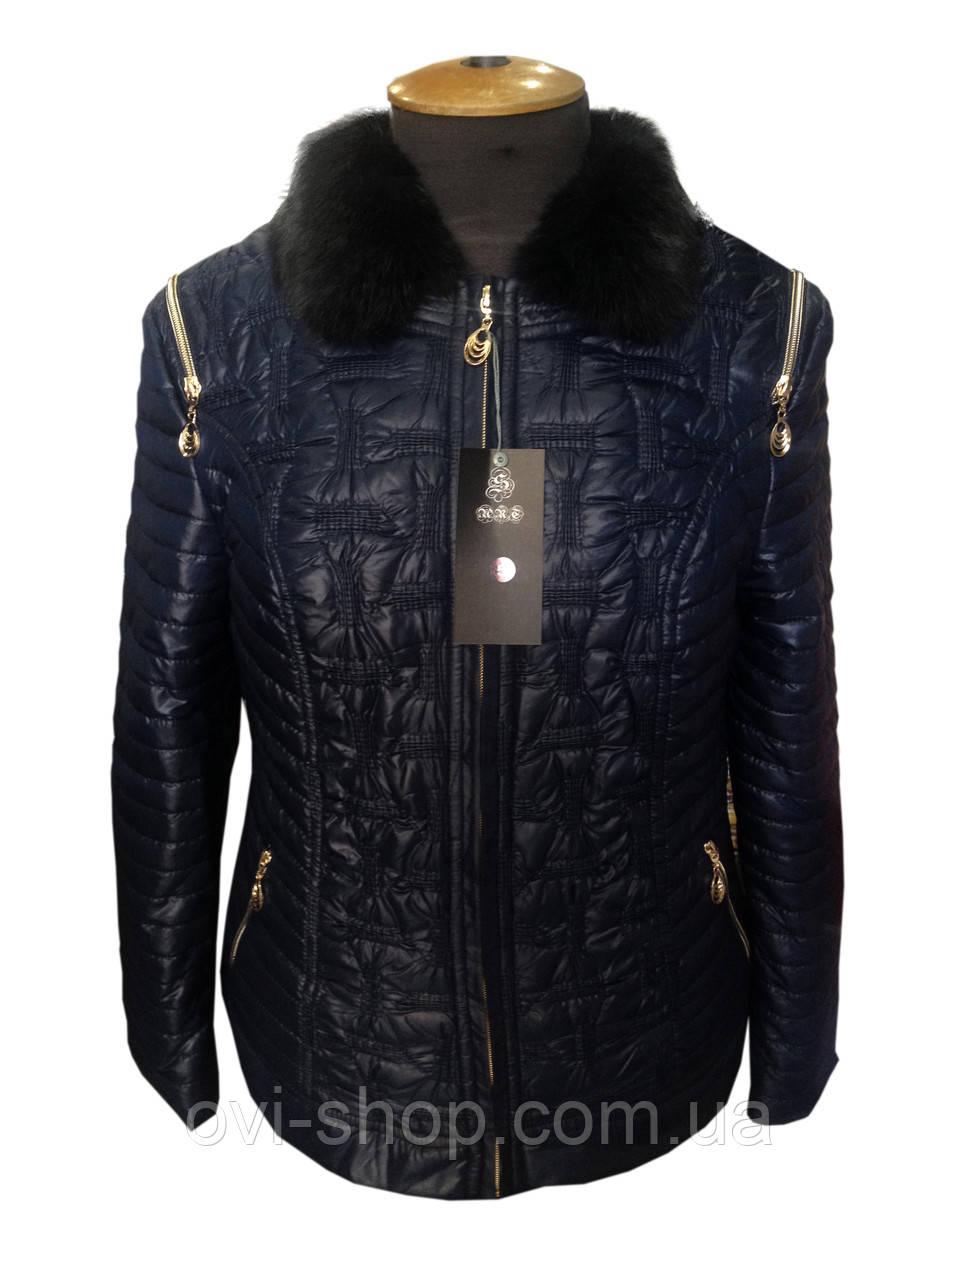 Женская зимняя куртка-жакет большой размер - интернет-магазин Ovi-Shop в Харькове